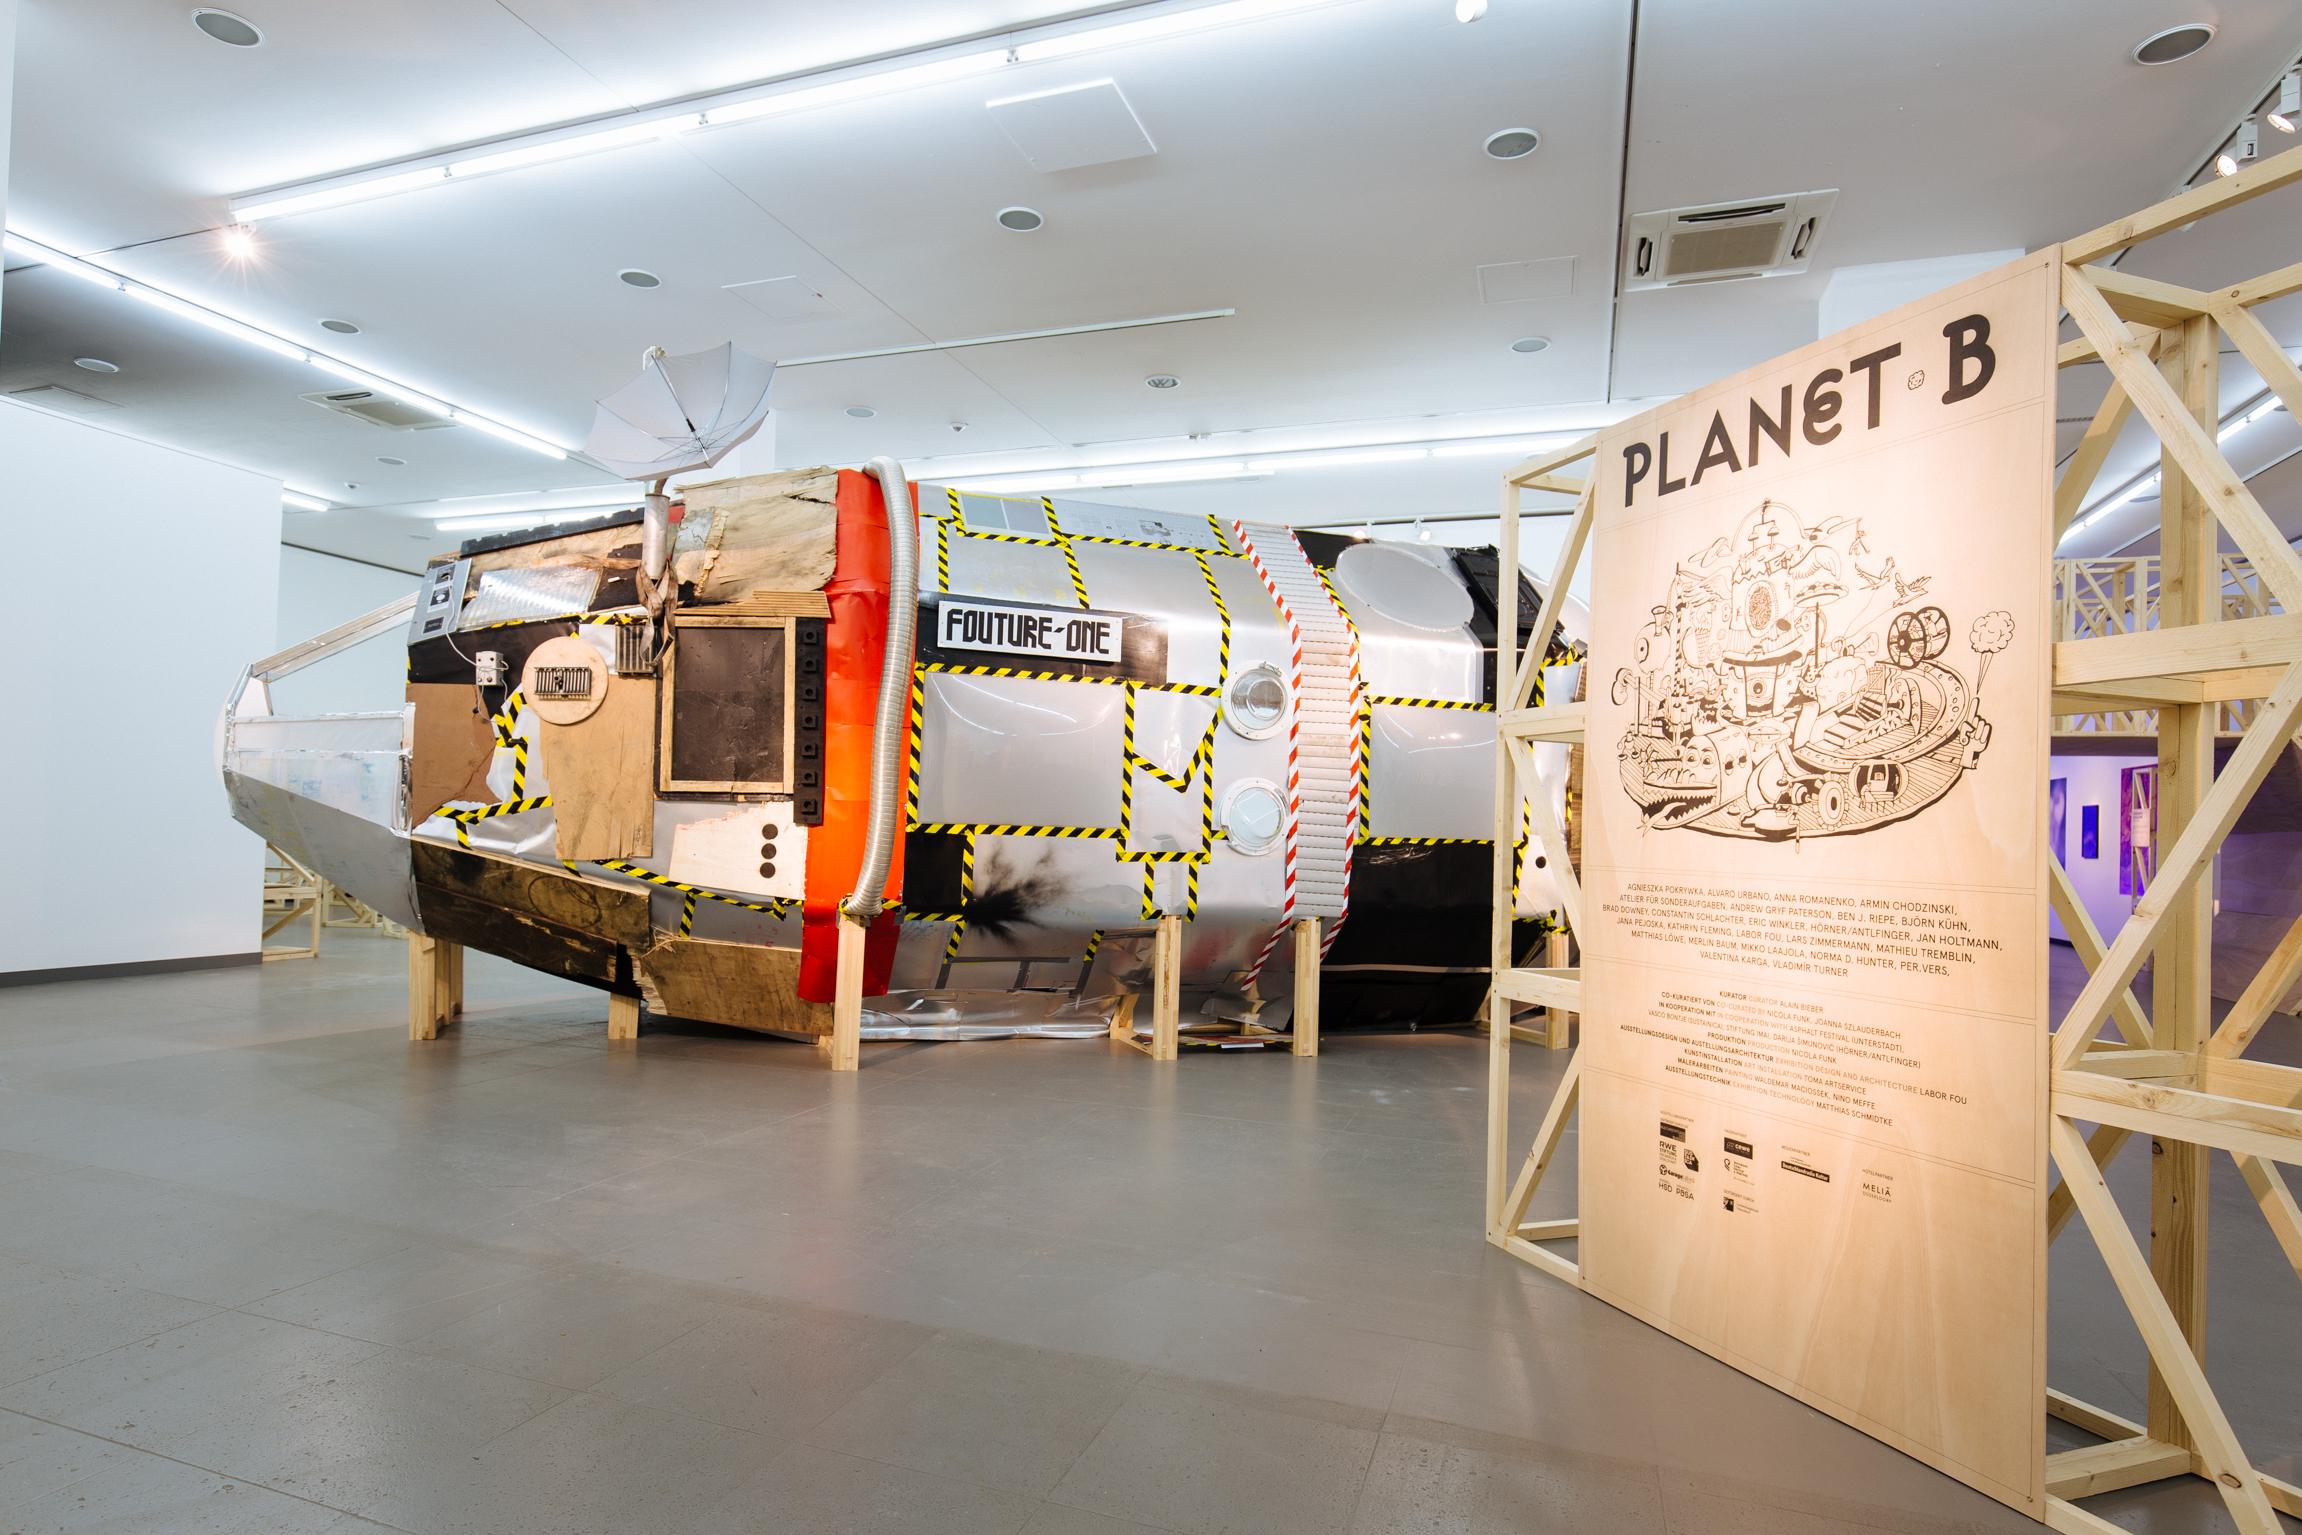 Ausstellungsansicht Planet B: Labor Fou / NRW-Forum Düsseldorf, Foto B. Babic